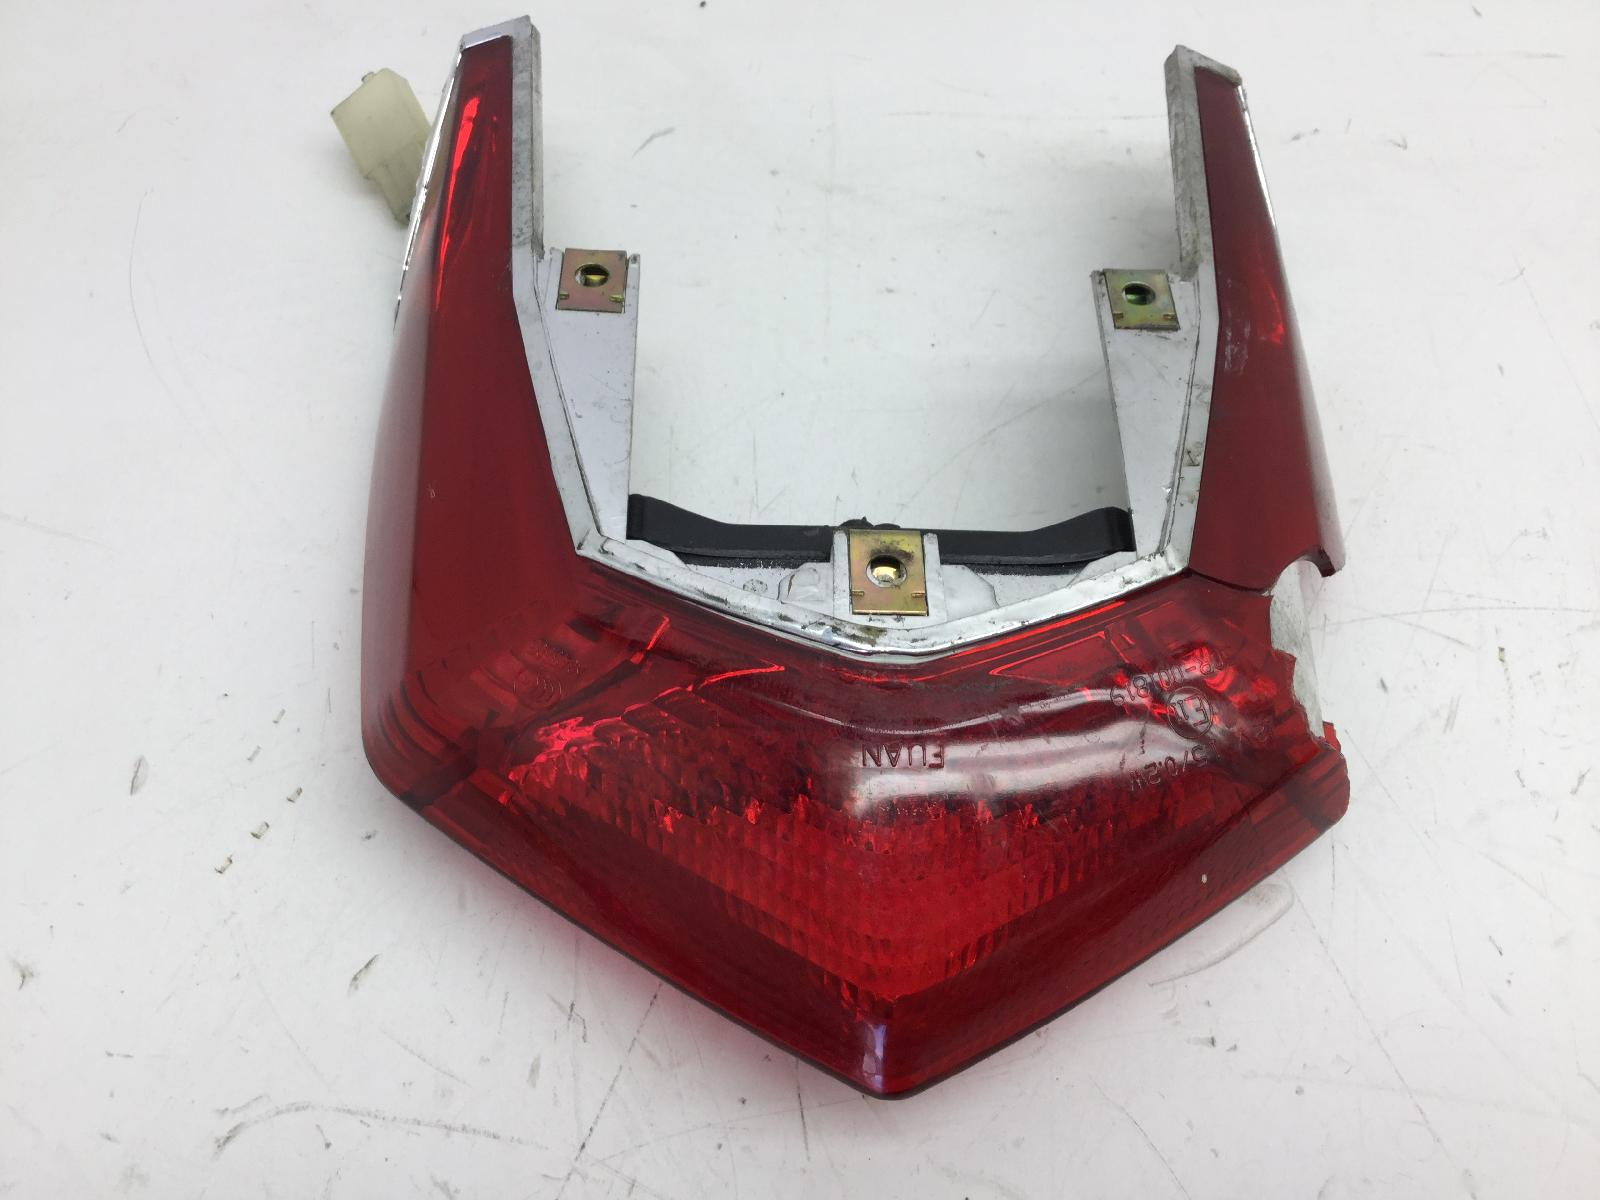 00133269 FANALE POSTERIORE CON LENTE ROTTA X RICAMBI KYMCO K-PIPE 125 2012 2013